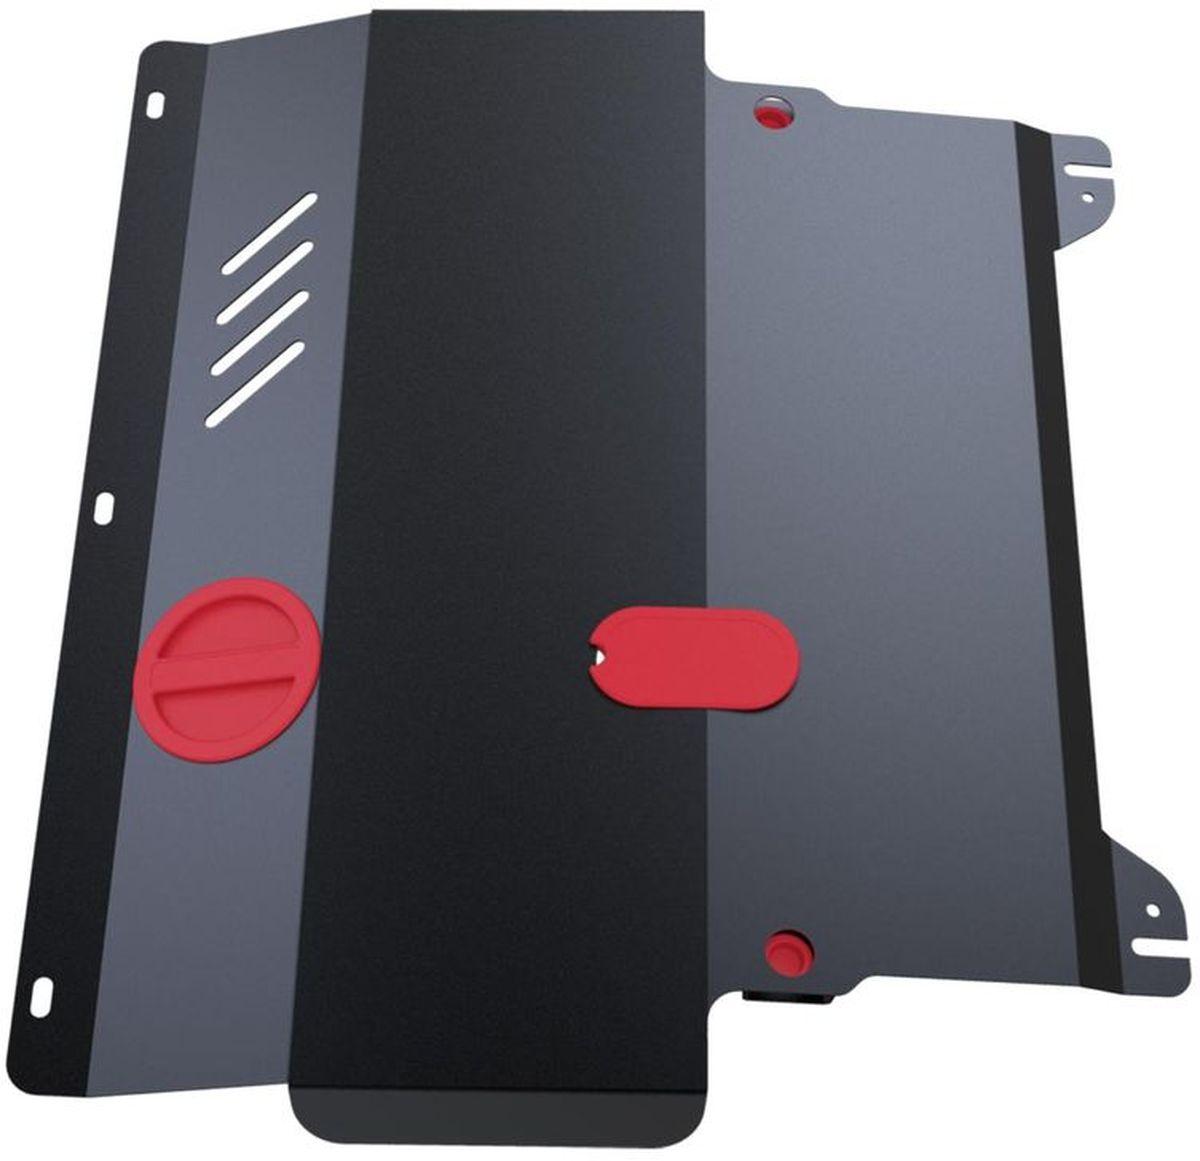 Защита картера Автоброня, для Nissan NP 300 V - 2,5TD (2008-2015)111.04125.1Технологически совершенный продукт за невысокую стоимость. Защита разработана с учетом особенностей днища автомобиля, что позволяет сохранить дорожный просвет с минимальным изменением. Защита устанавливается в штатные места кузова автомобиля. Глубокий штамп обеспечивает до двух раз больше жесткости в сравнении с обычной защитой той же толщины. Проштампованные ребра жесткости препятствуют деформации защиты при ударах. Тепловой зазор и вентиляционные отверстия обеспечивают сохранение температурного режима двигателя в норме. Скрытый крепеж предотвращает срыв крепежных элементов при наезде на препятствие. Шумопоглощающие резиновые элементы обеспечивают комфортную езду без вибраций и скрежета металла, а съемные лючки для слива масла и замены фильтра - экономию средств и время. Конструкция изделия не влияет на пассивную безопасность автомобиля (при ударе защита не воздействует на деформационные зоны кузова). Со штатным крепежом. В комплекте инструкция по установке....